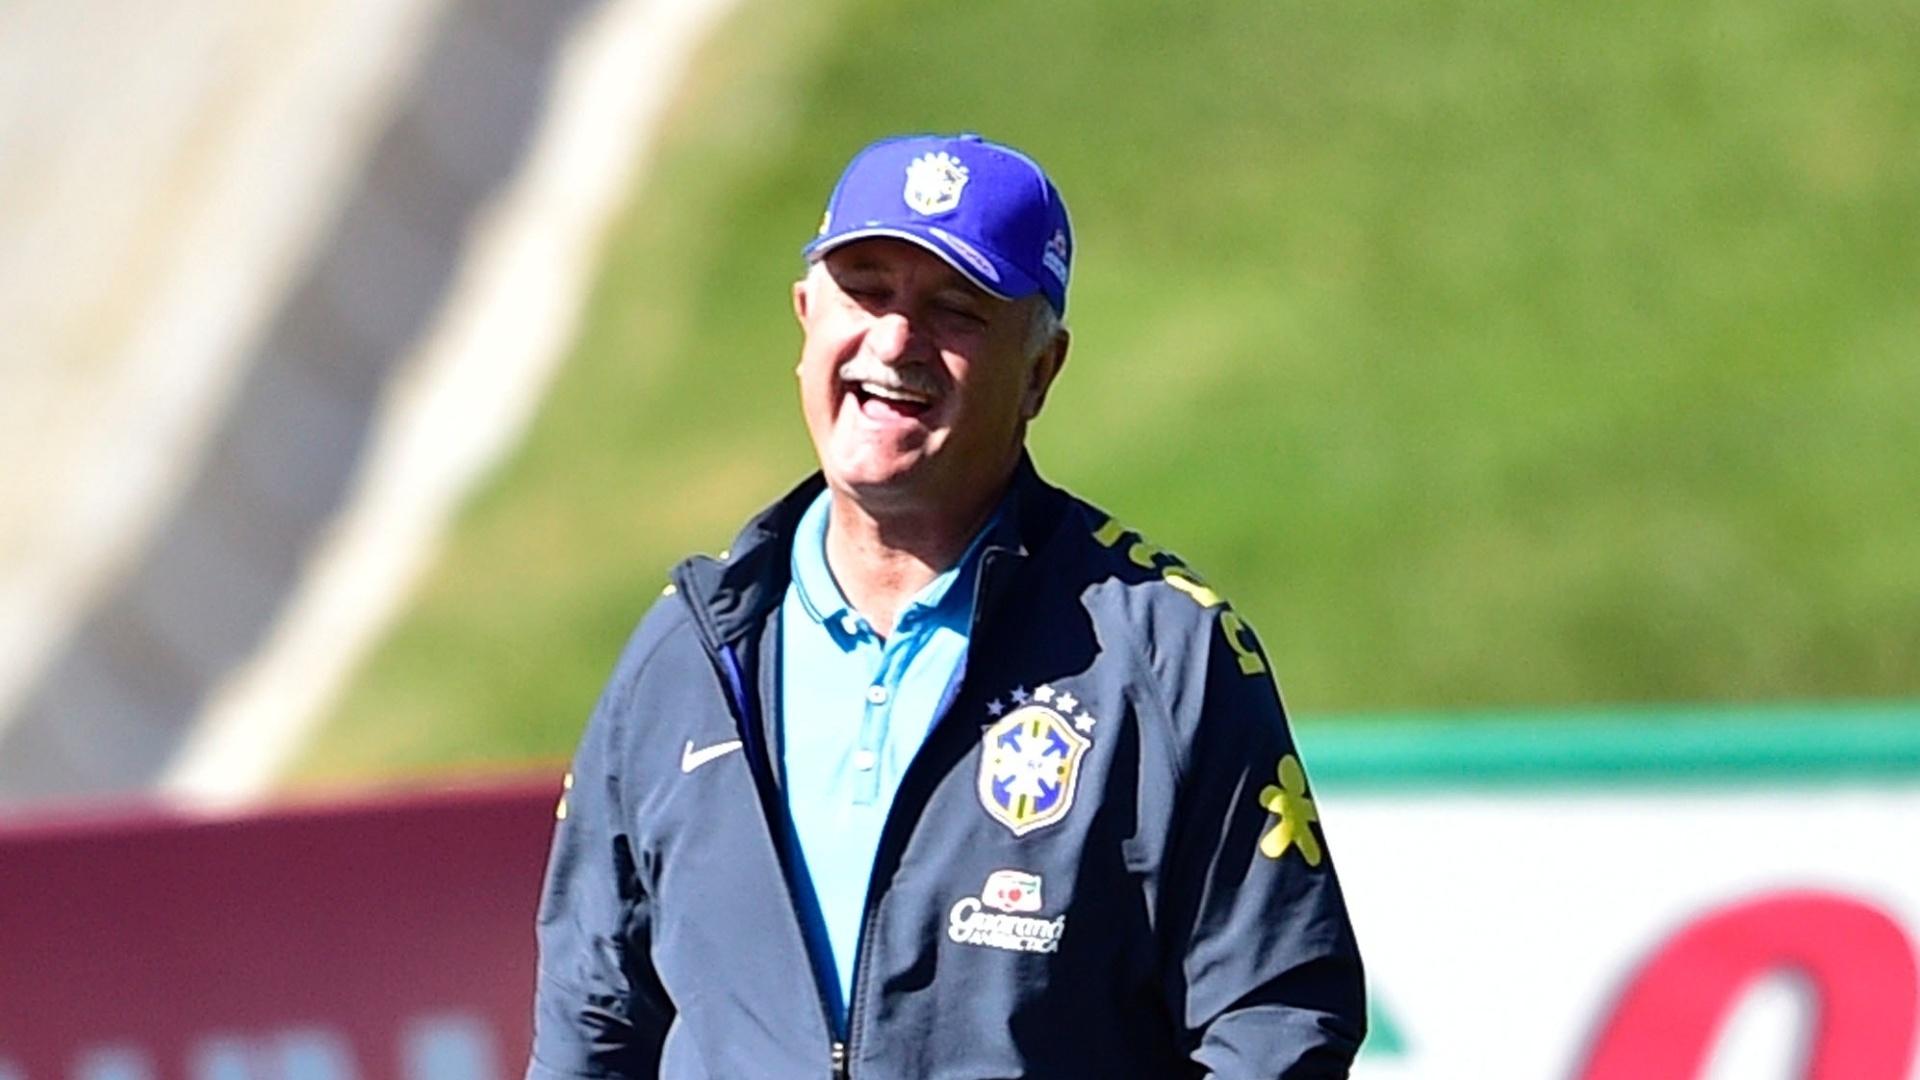 Técnico Luiz Felipe Scolari sorri durante sessão de treinamento da seleção brasileira na Granja Comary